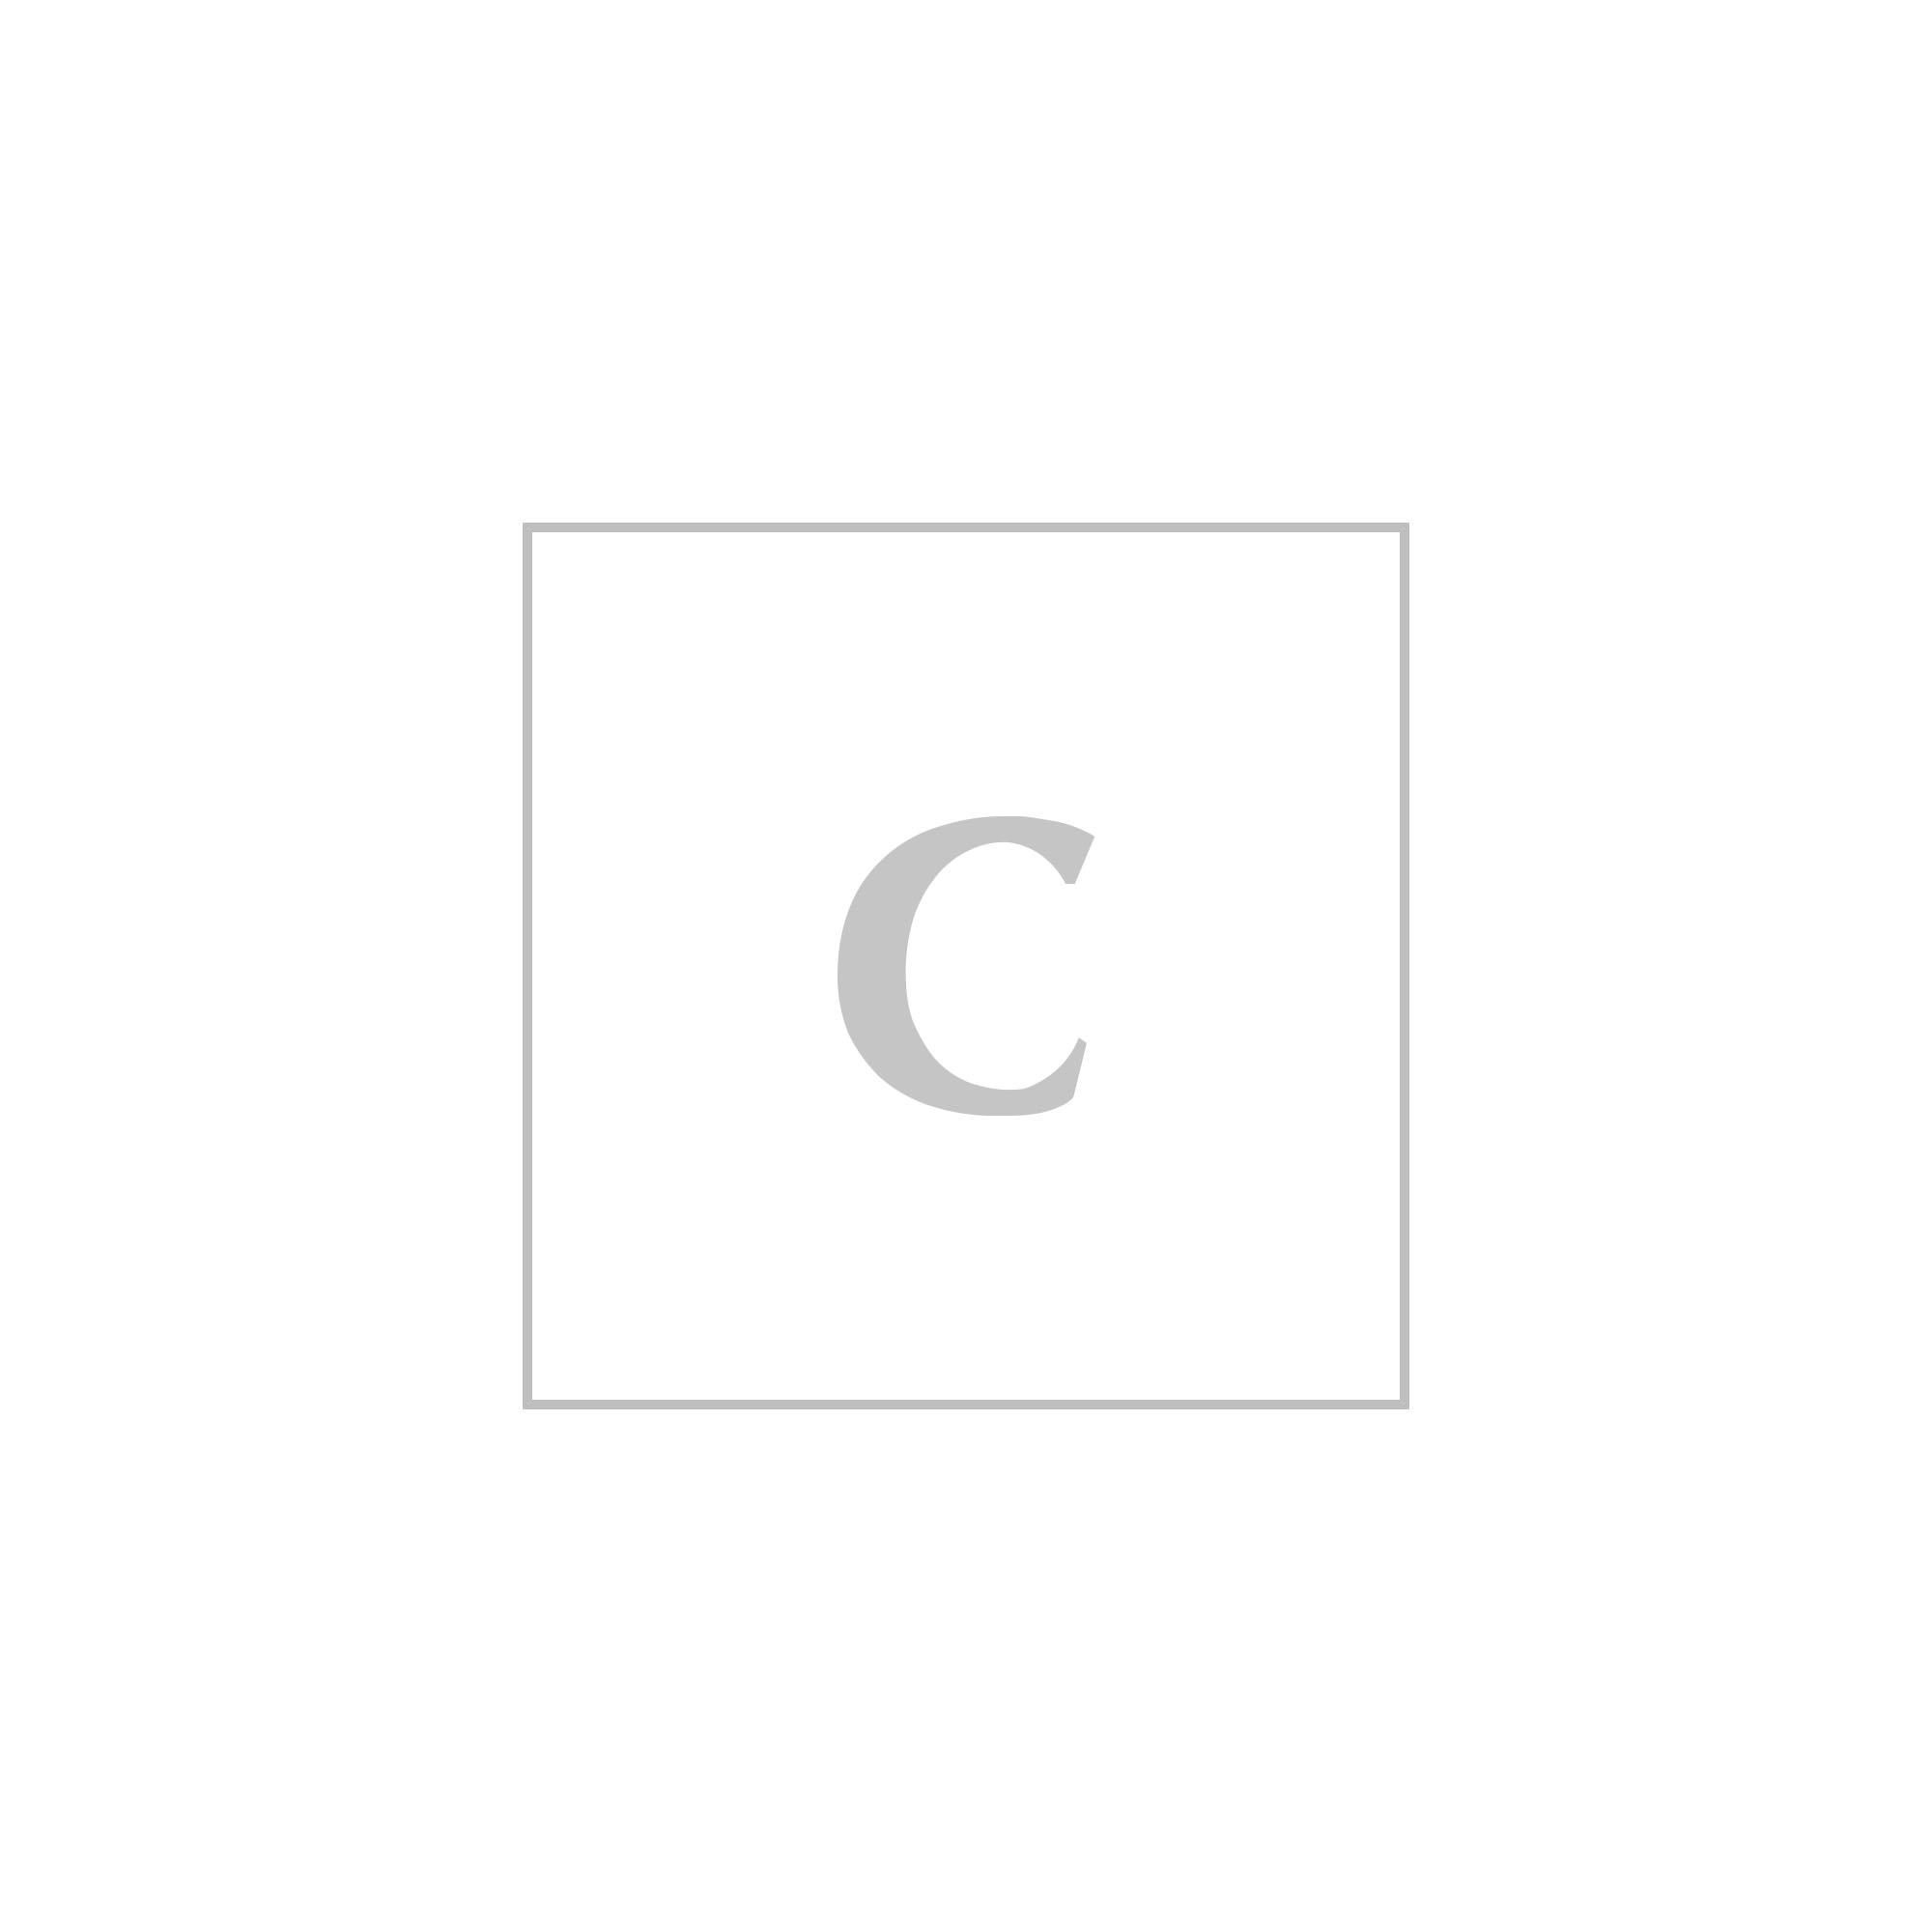 Dolce & gabbana sciarpa gerry 120x200